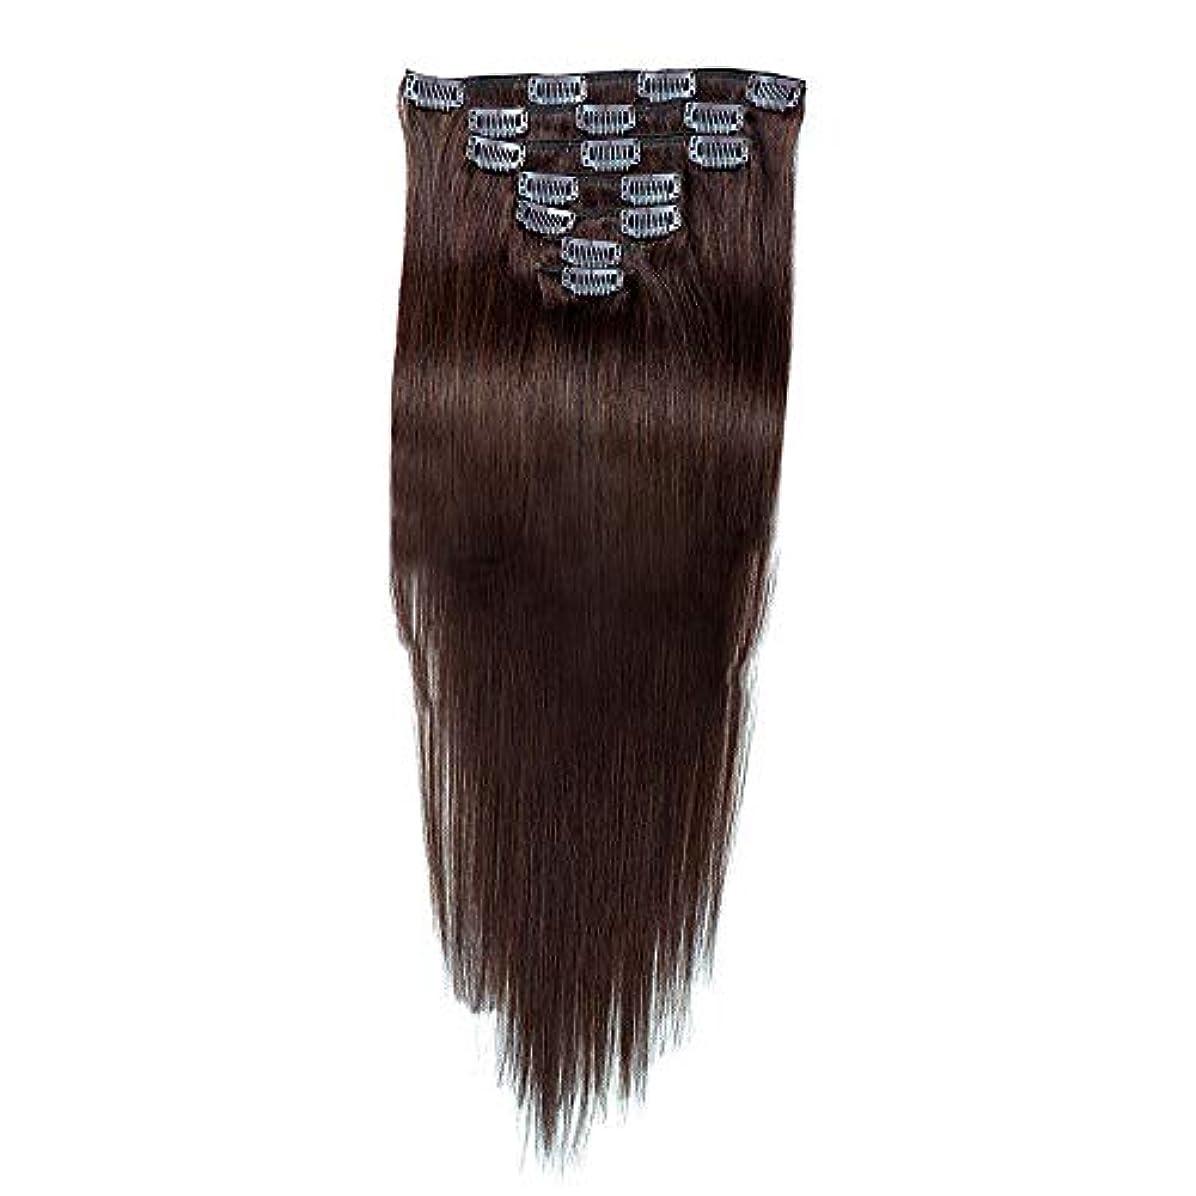 量でナサニエル区危機人間の髪の毛のエクステンションクリップレミーフルヘッドダブル横糸ストレートヘアピース。 (7個、#2ダークブラウン、20インチ、70g) モデリングツール (色 : #2 Dark Brown)